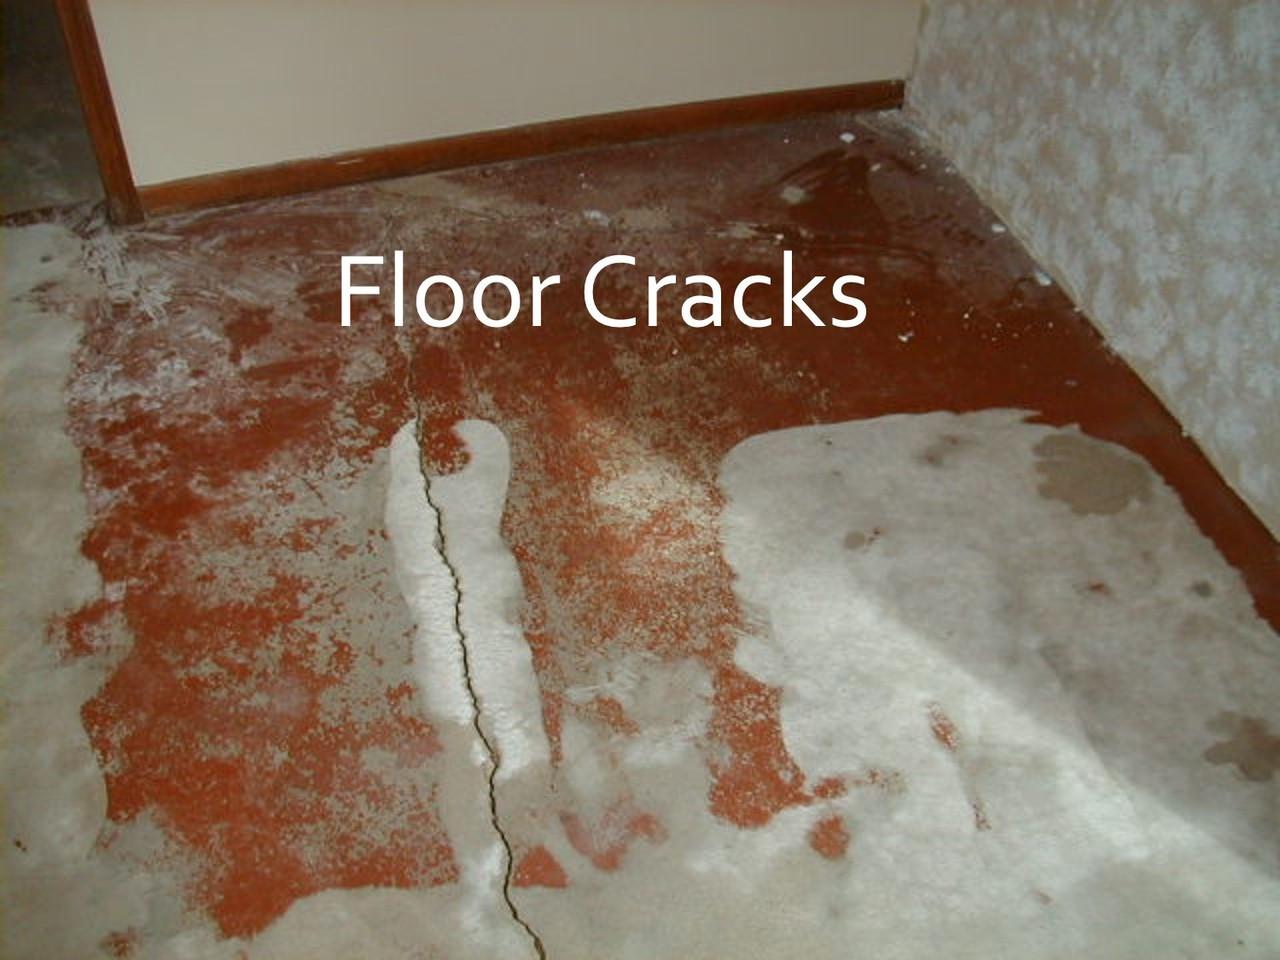 Typical floor crack in old basement floor